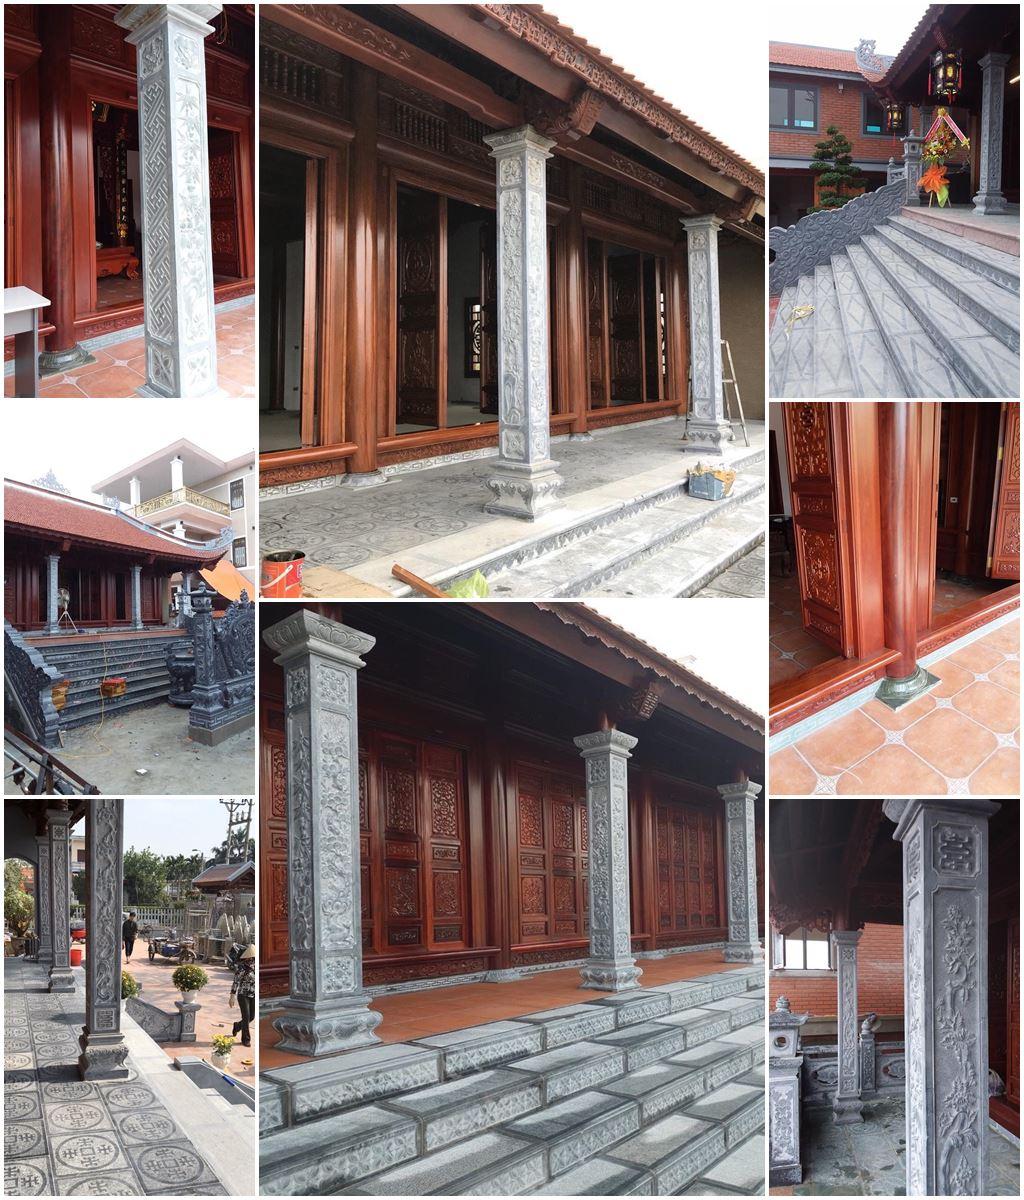 Đặt Cột đá hiên, Cột đồng trụ đá vách cho Nhà thờ họ/Từ đường, Bảo điện của Nhà gỗ cổ truyền trên toàn quốc.